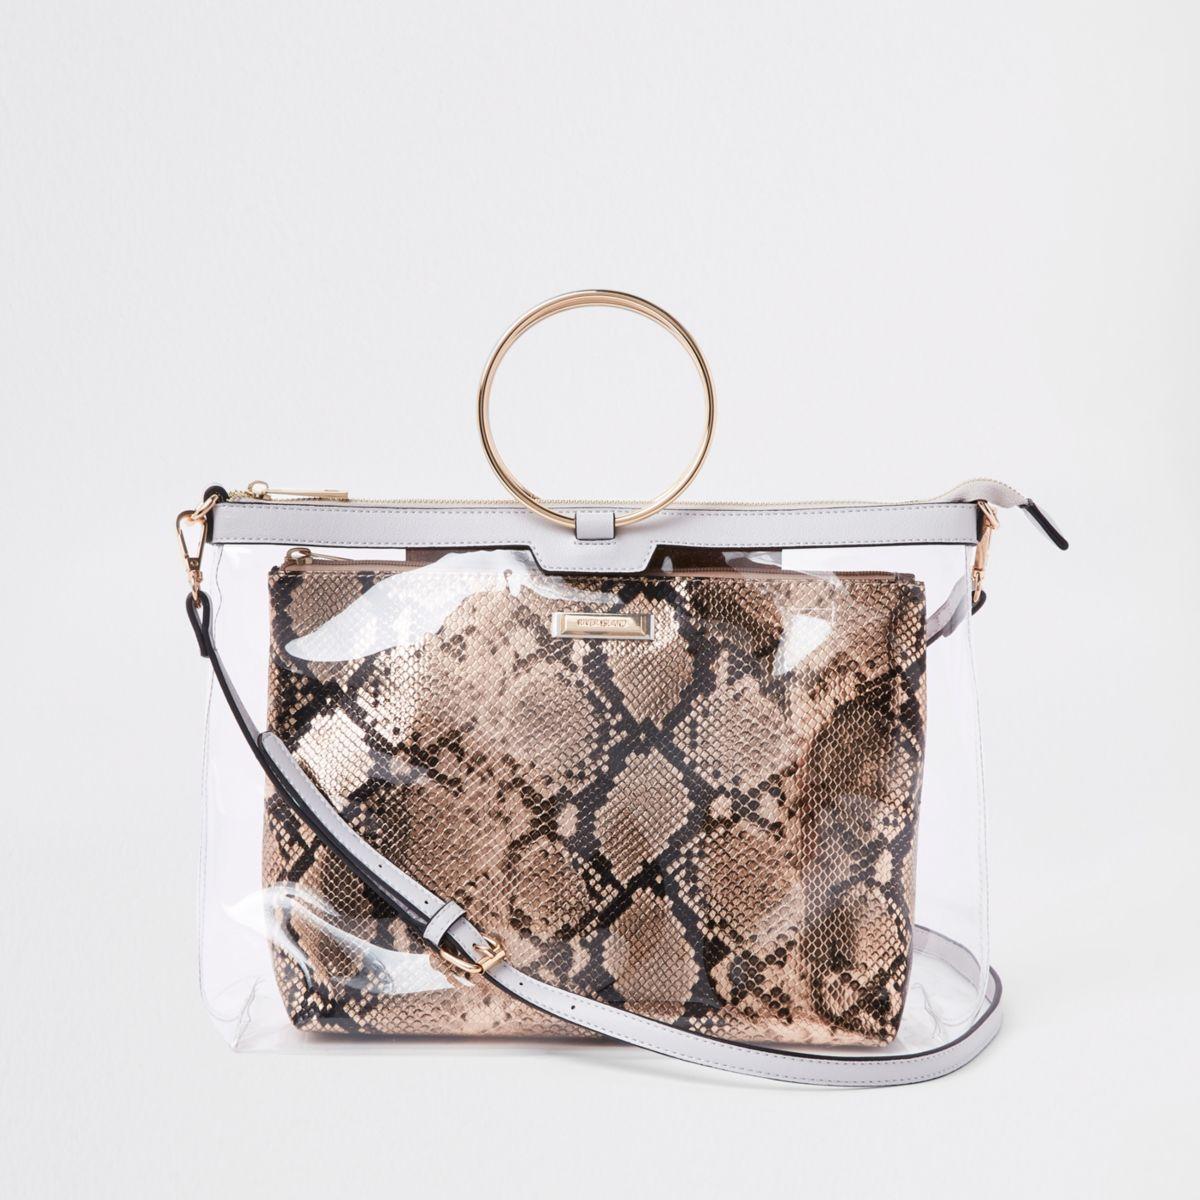 Gold tone ring handle perspex bag